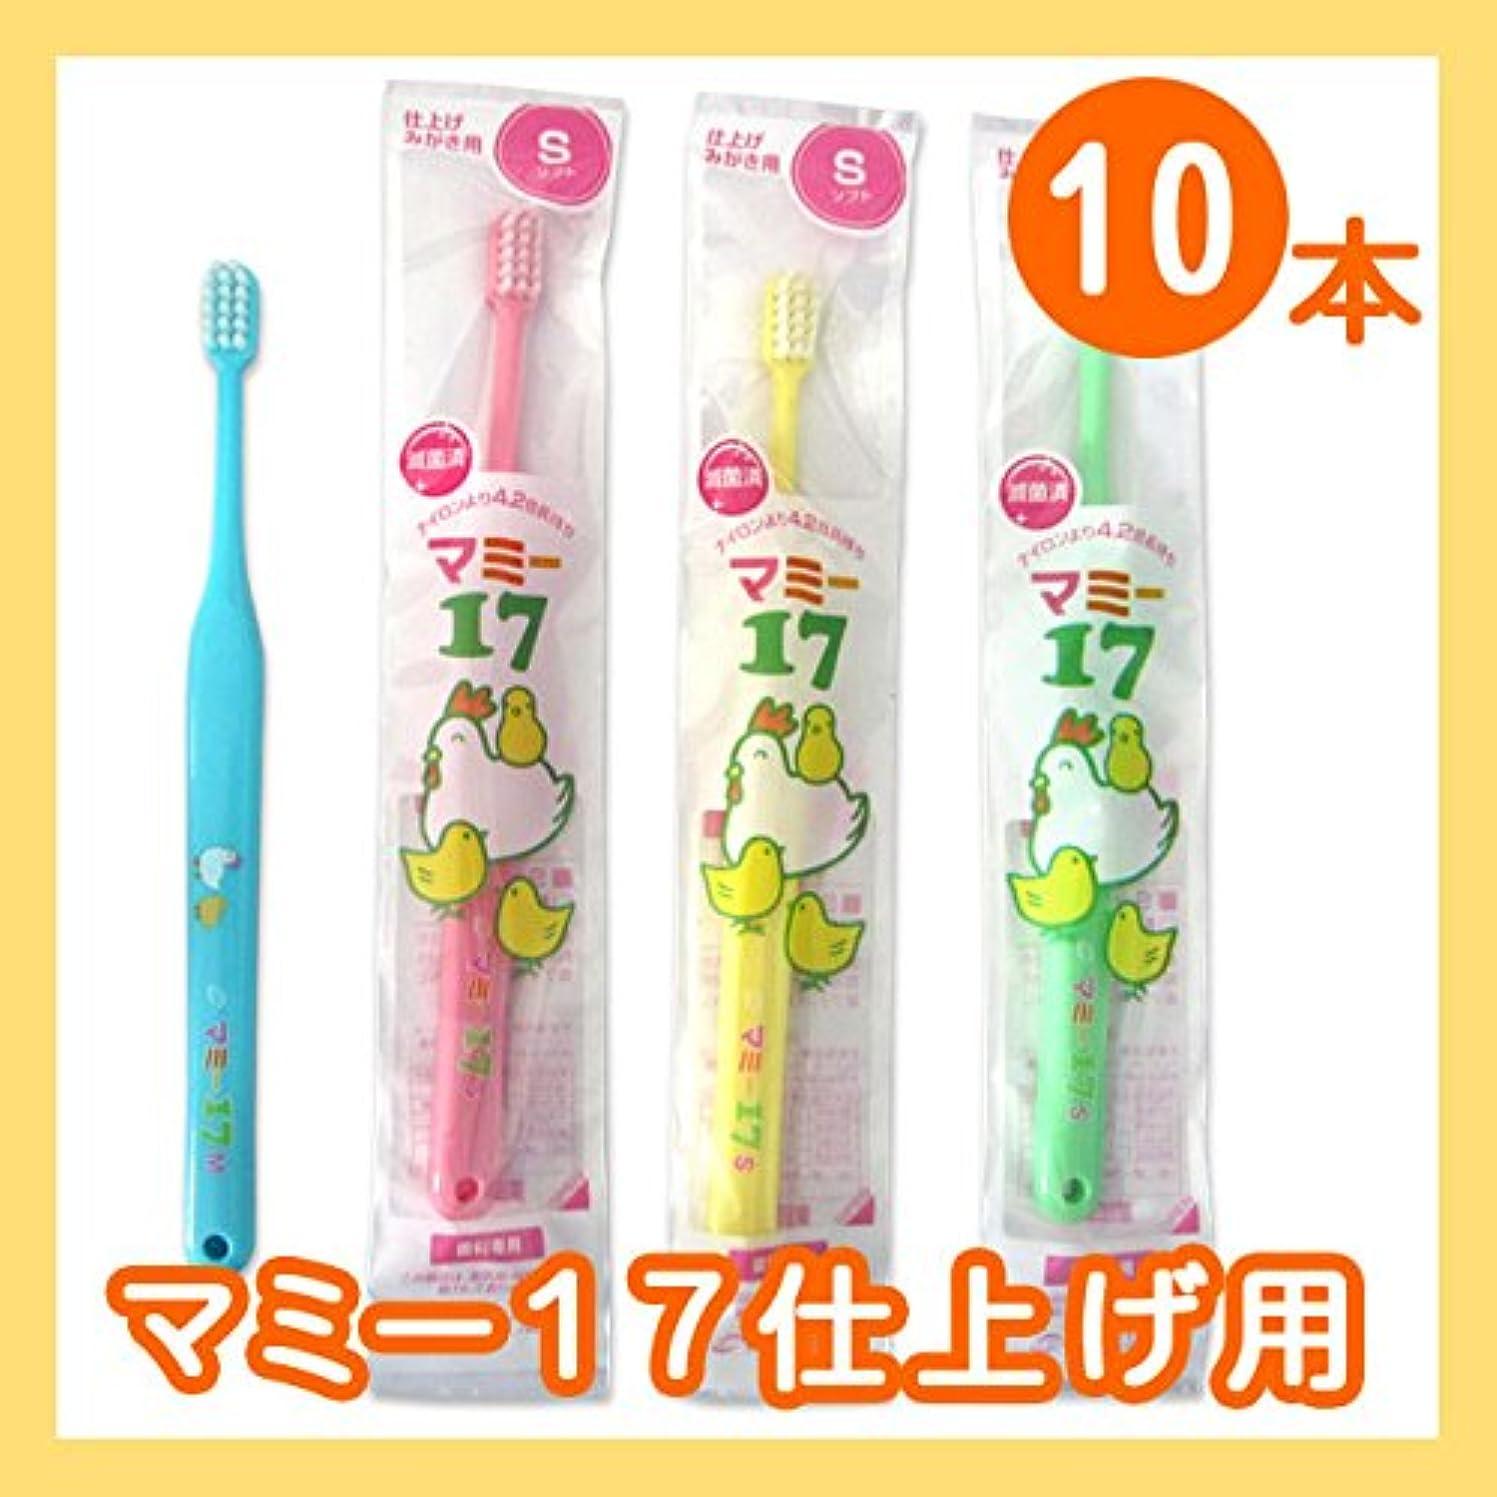 マミー17 10本 オーラルケア マミー17 子供 点検?仕上げ磨き用歯ブラシ 10本セット ミディアム ブルー